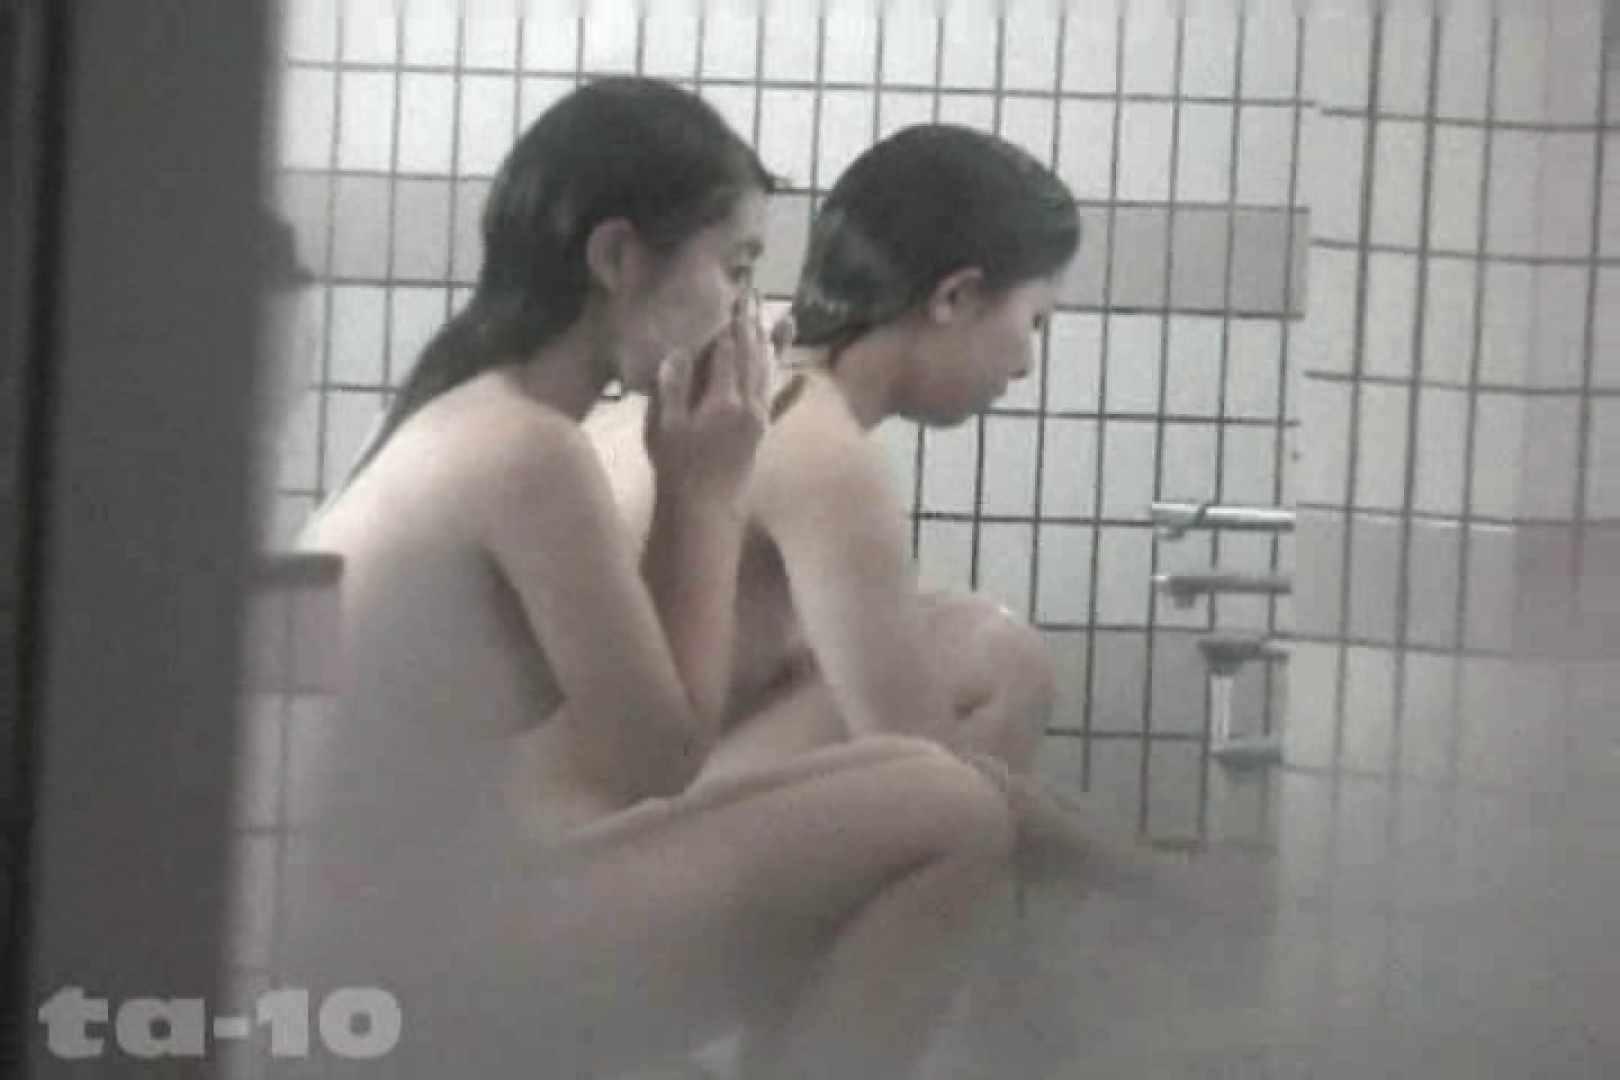 合宿ホテル女風呂盗撮高画質版 Vol.10 合宿中の出来事 盗撮 58画像 15